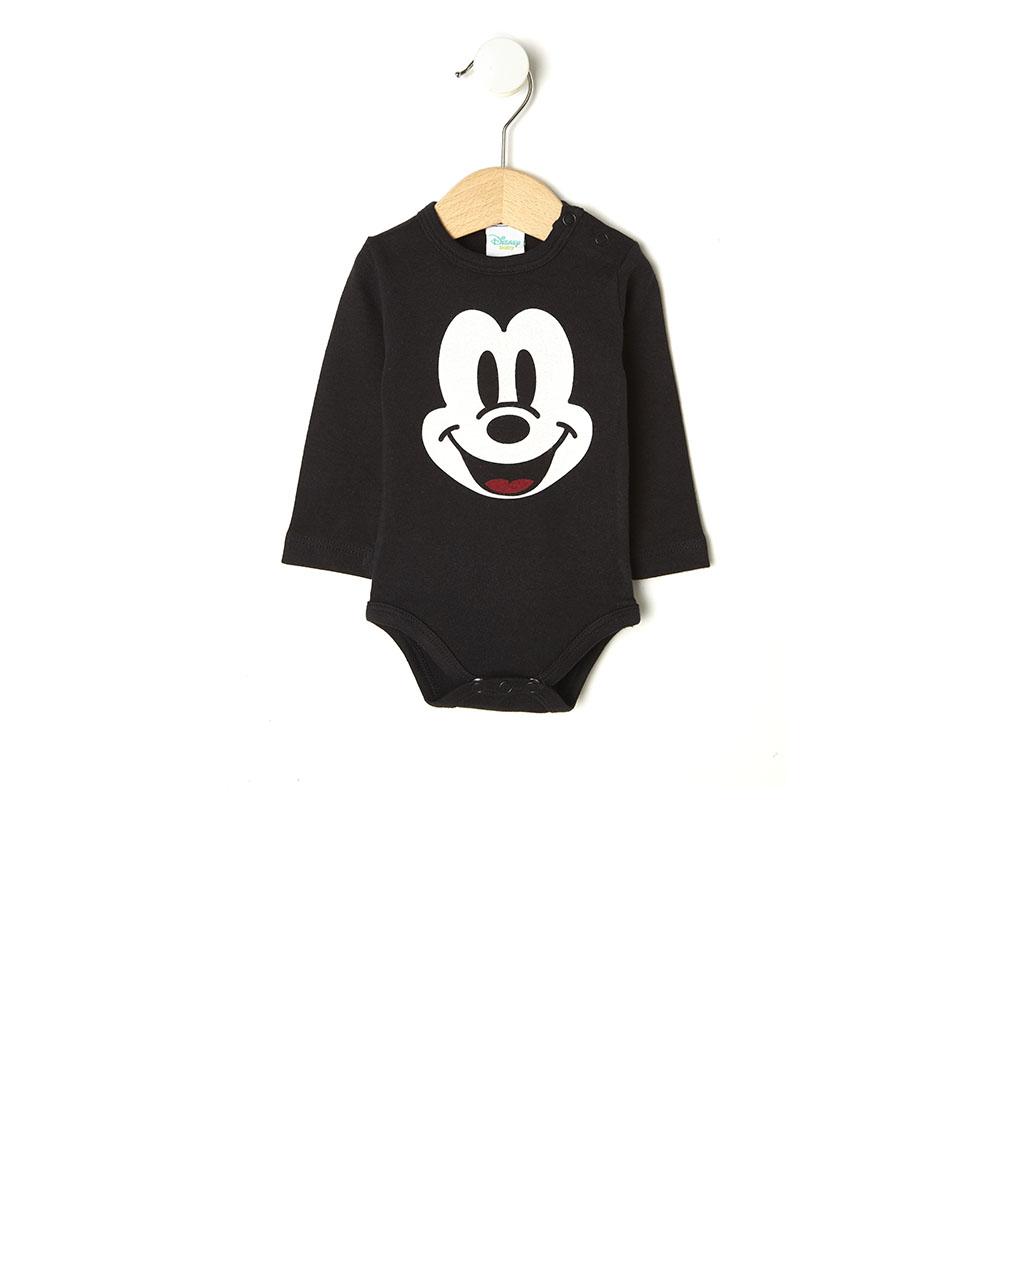 Κορμάκι Interlock Μαύρο με τον Mickey Mouse για Αγόρι